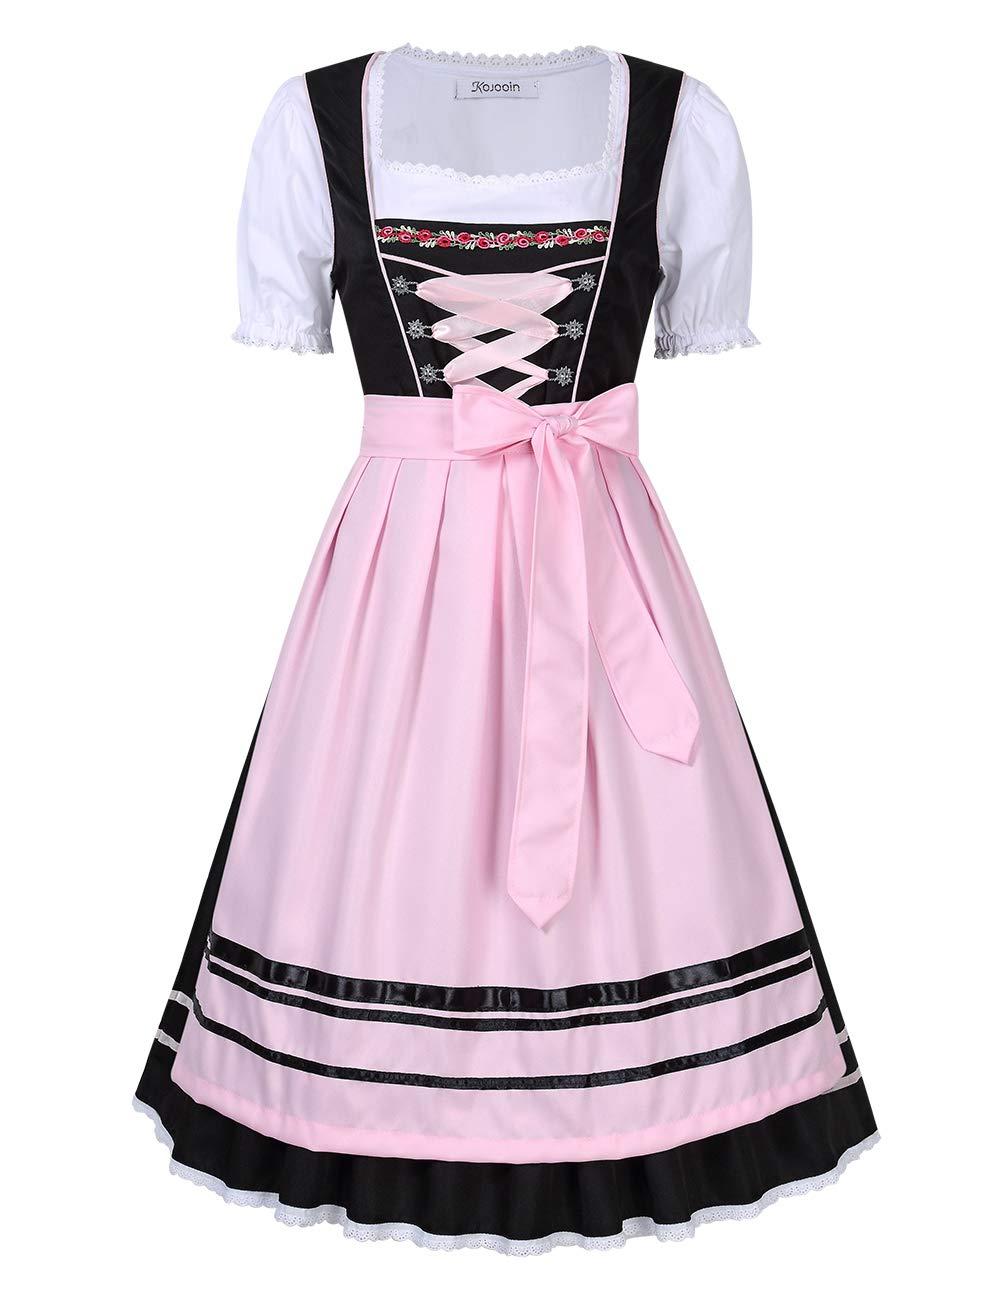 Trachtenkleid Dirndl, Set 3 Teilig mit Bluse Schürze Damen Kleid für Oktoberfest 34